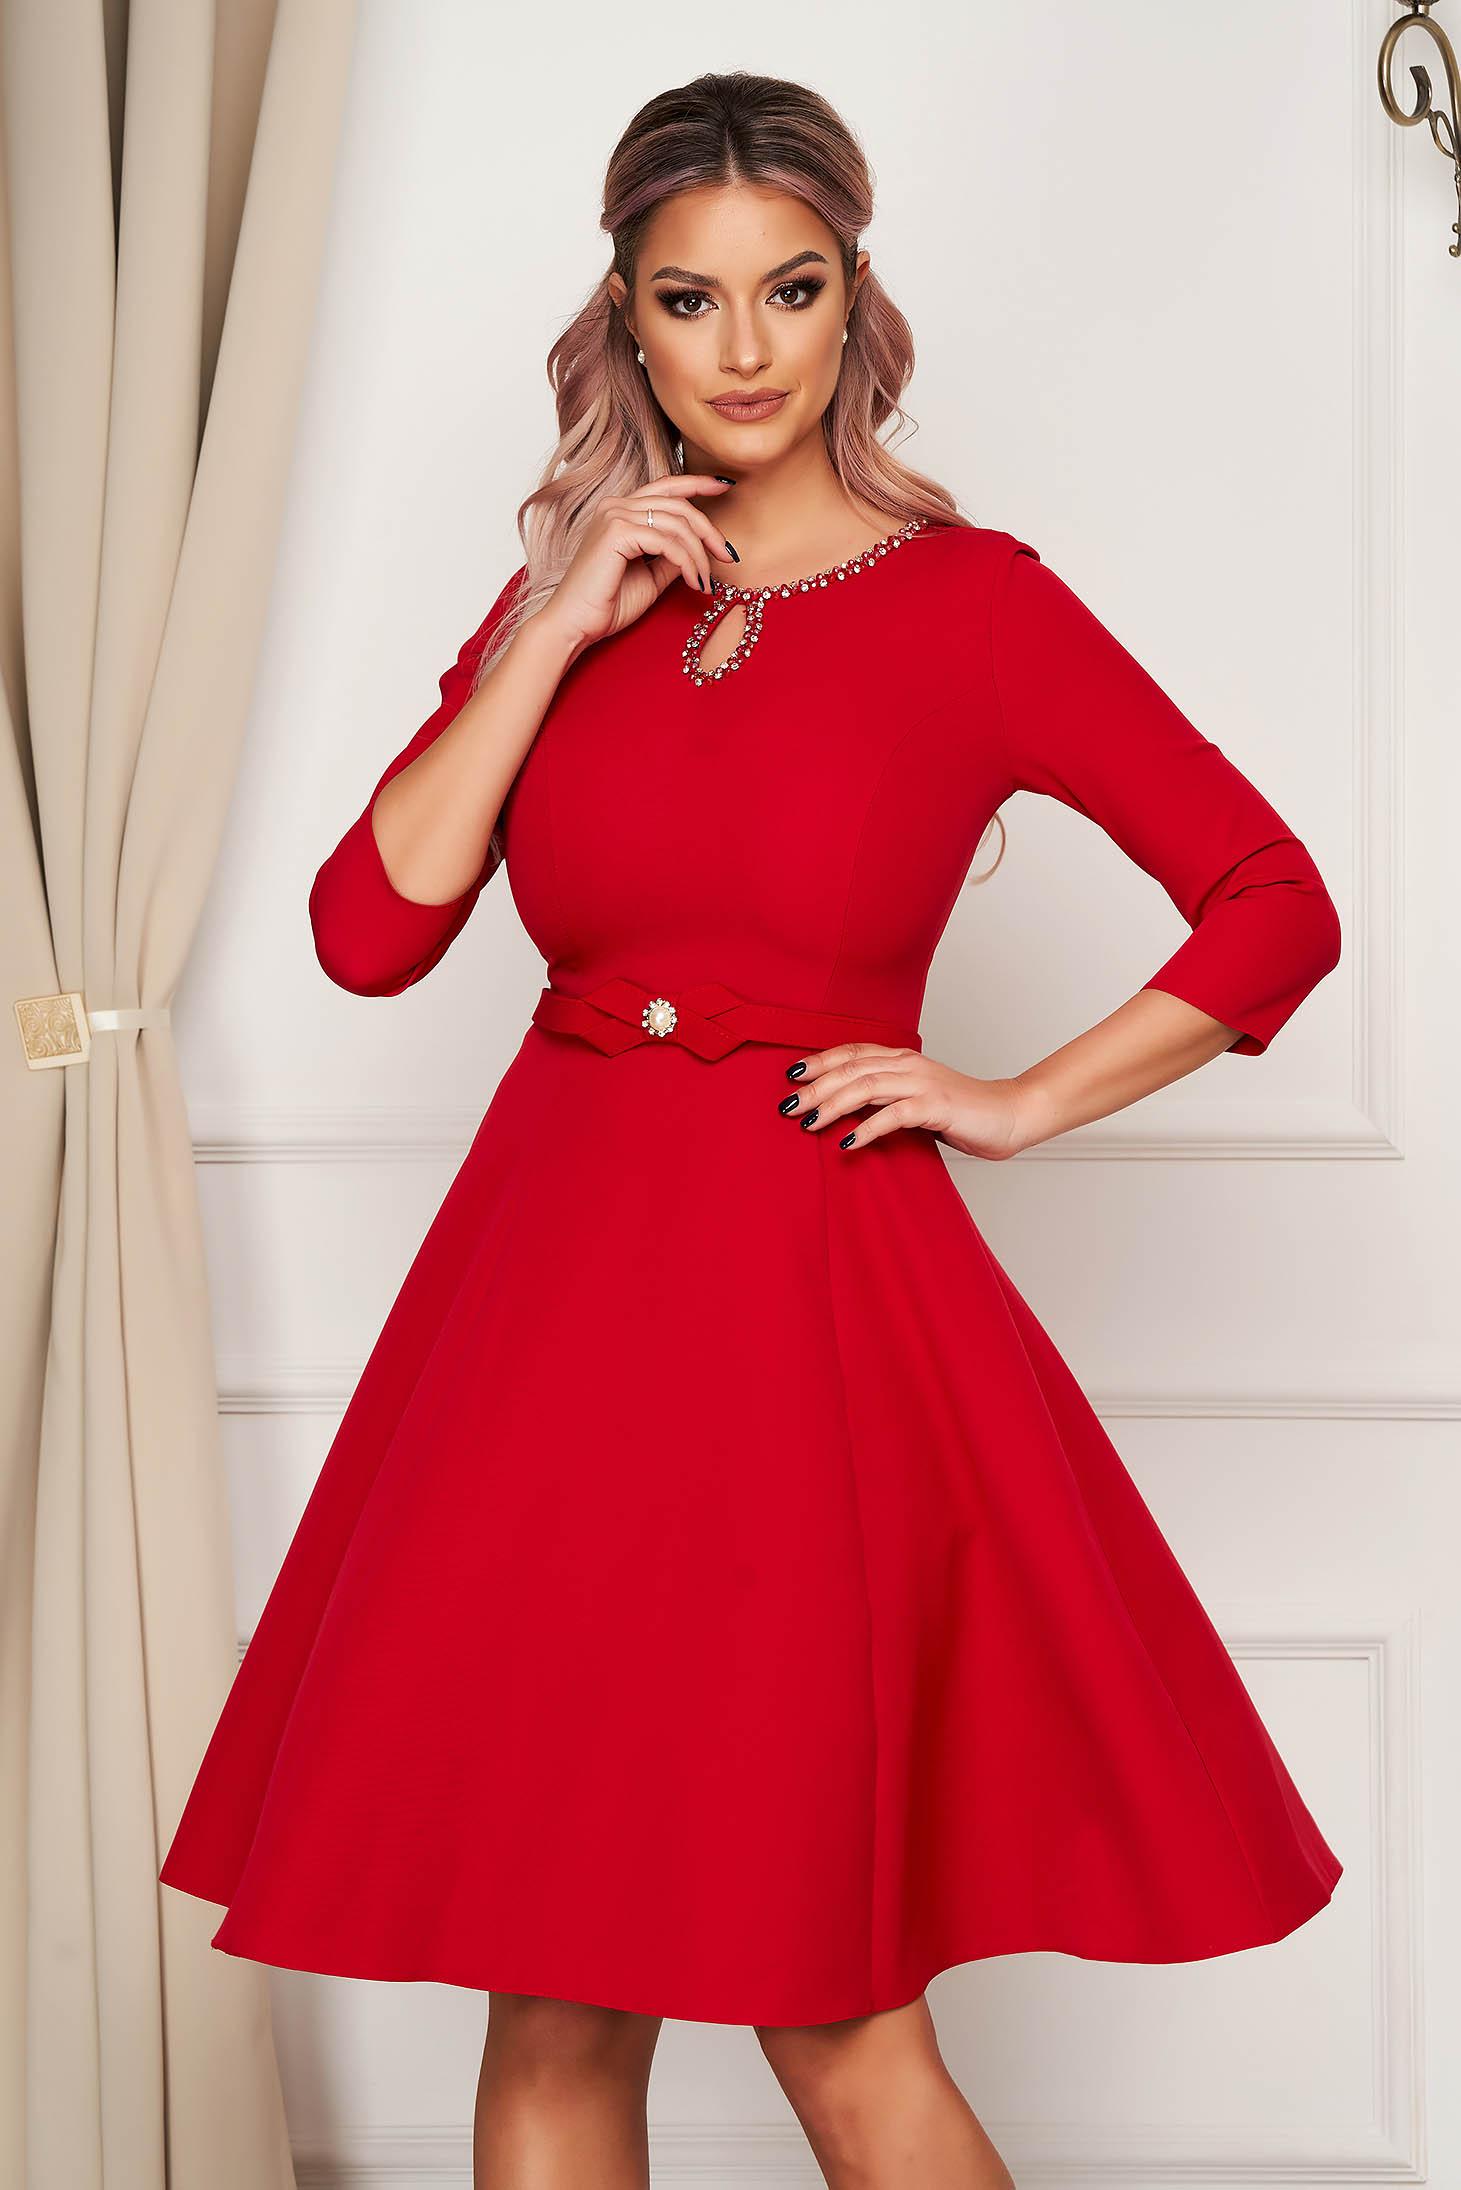 Rochie rosie midi eleganta din stofa in clos cu aplicatii cu pietre strass